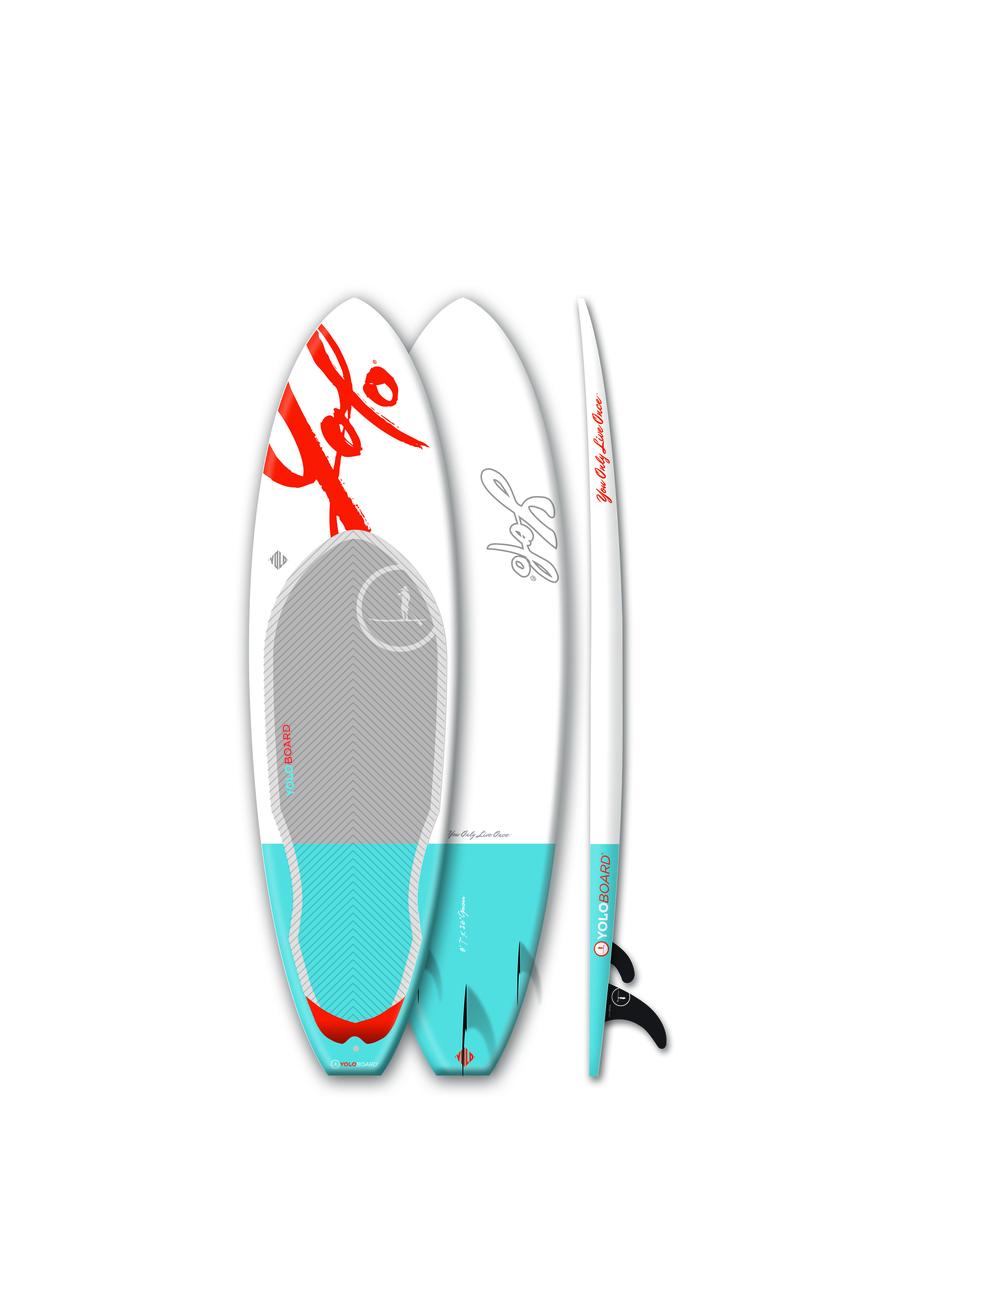 Yolo Board- Grom